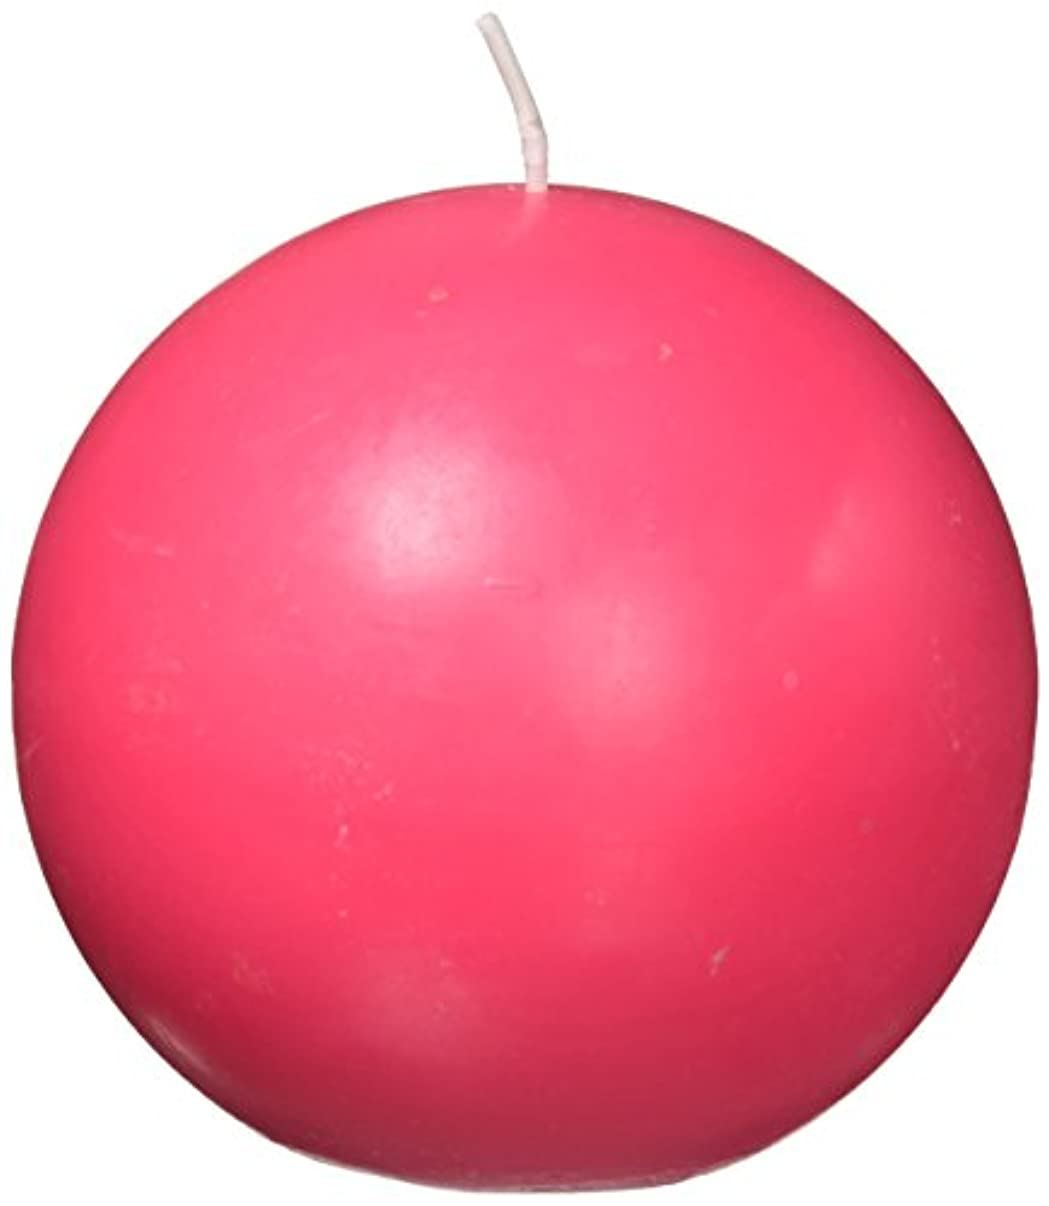 感謝中にコントラストZest Candle CBZ-027 4 in. Hot Pink Ball Candles -2pc-Box